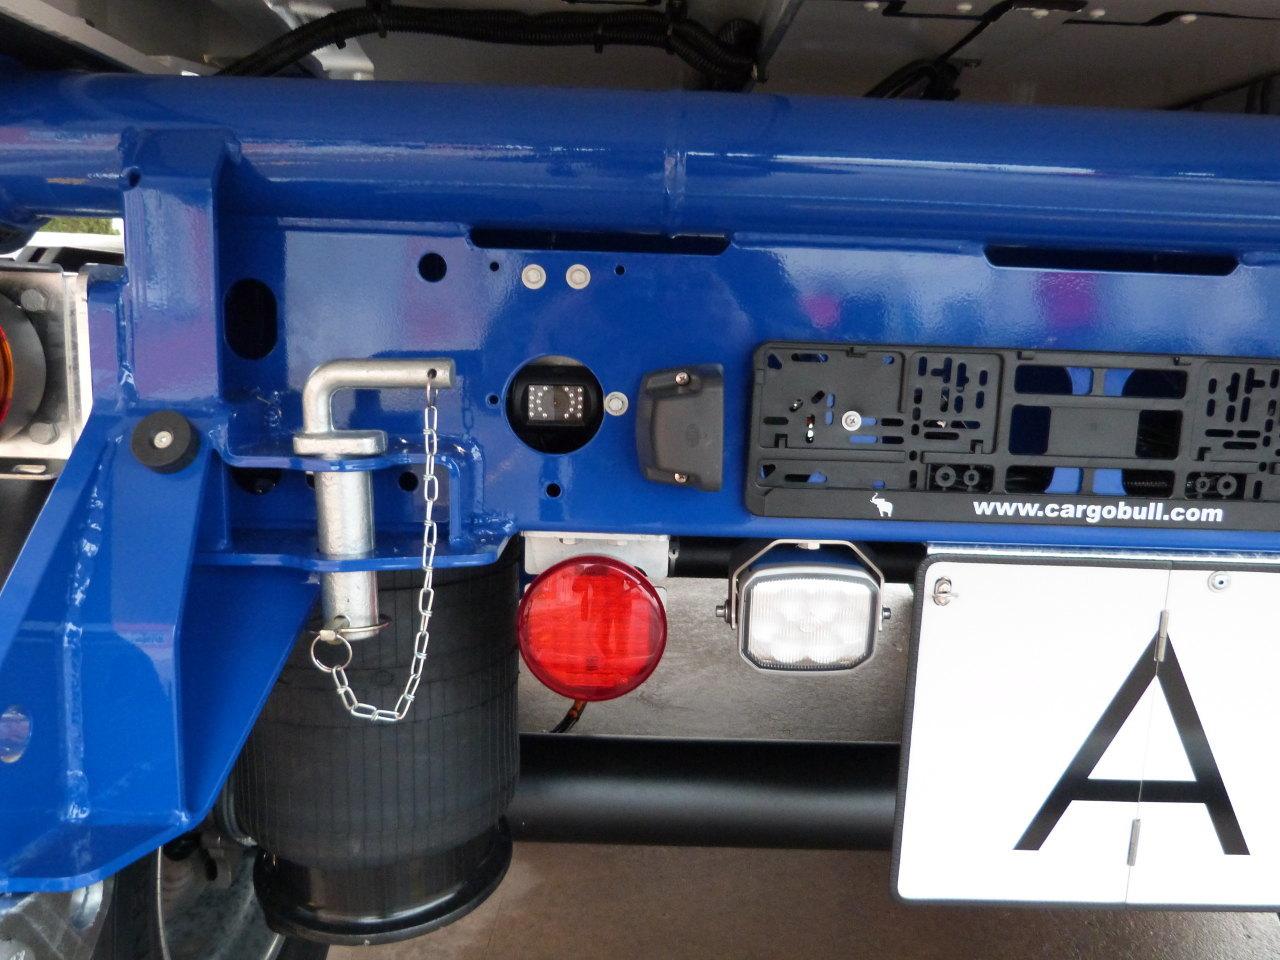 A félpótkocsi mögötti területet figyelő kamera képét a gépkocsivezető az okostelefonján vagy a táblagépén tekintheti meg az S.KI Control alkalmazáson keresztül